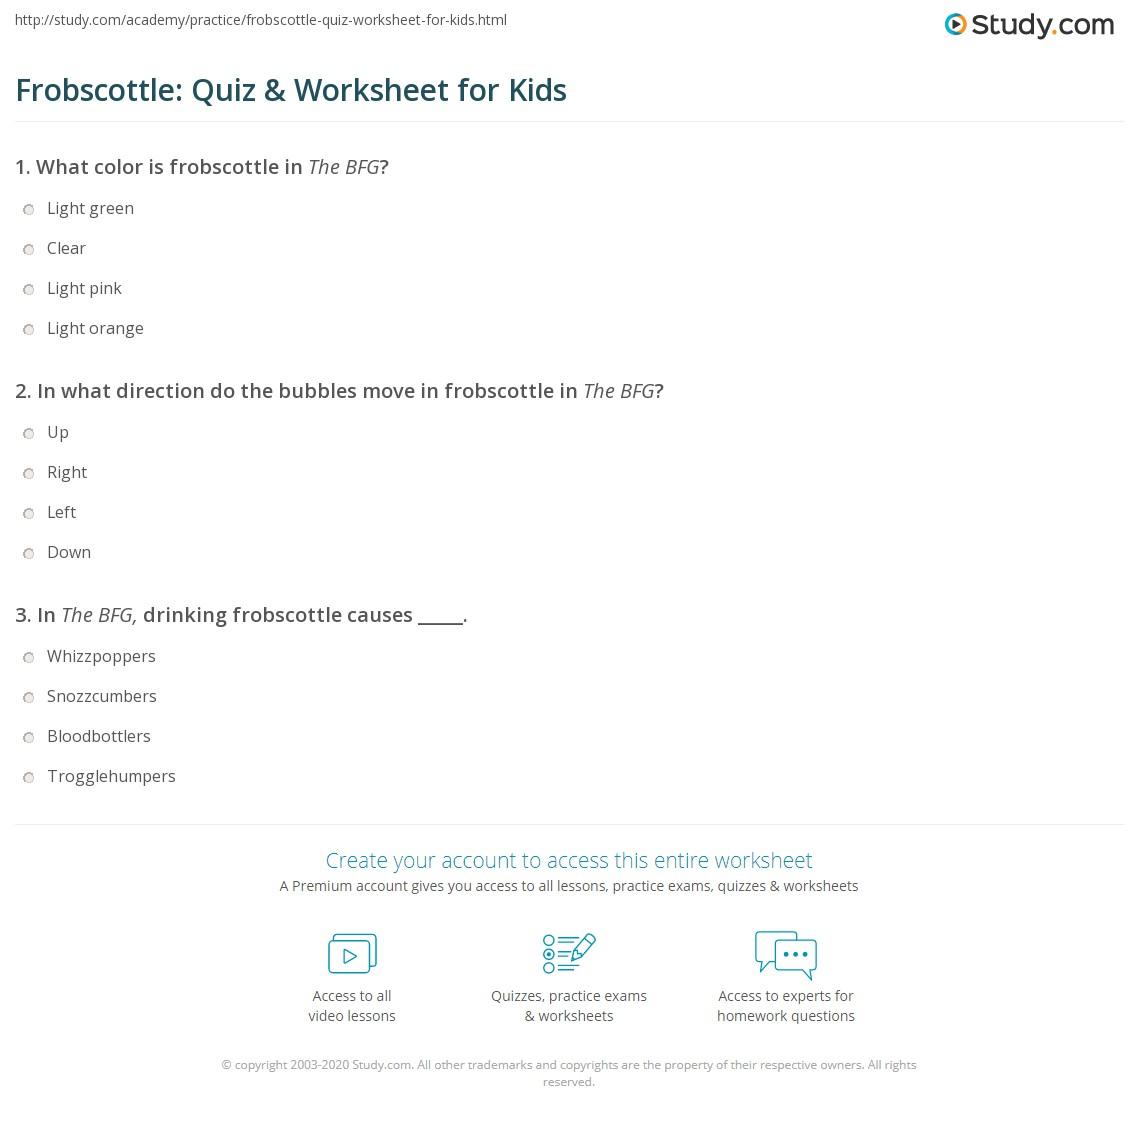 Frobscottle Quiz Amp Worksheet For Kids